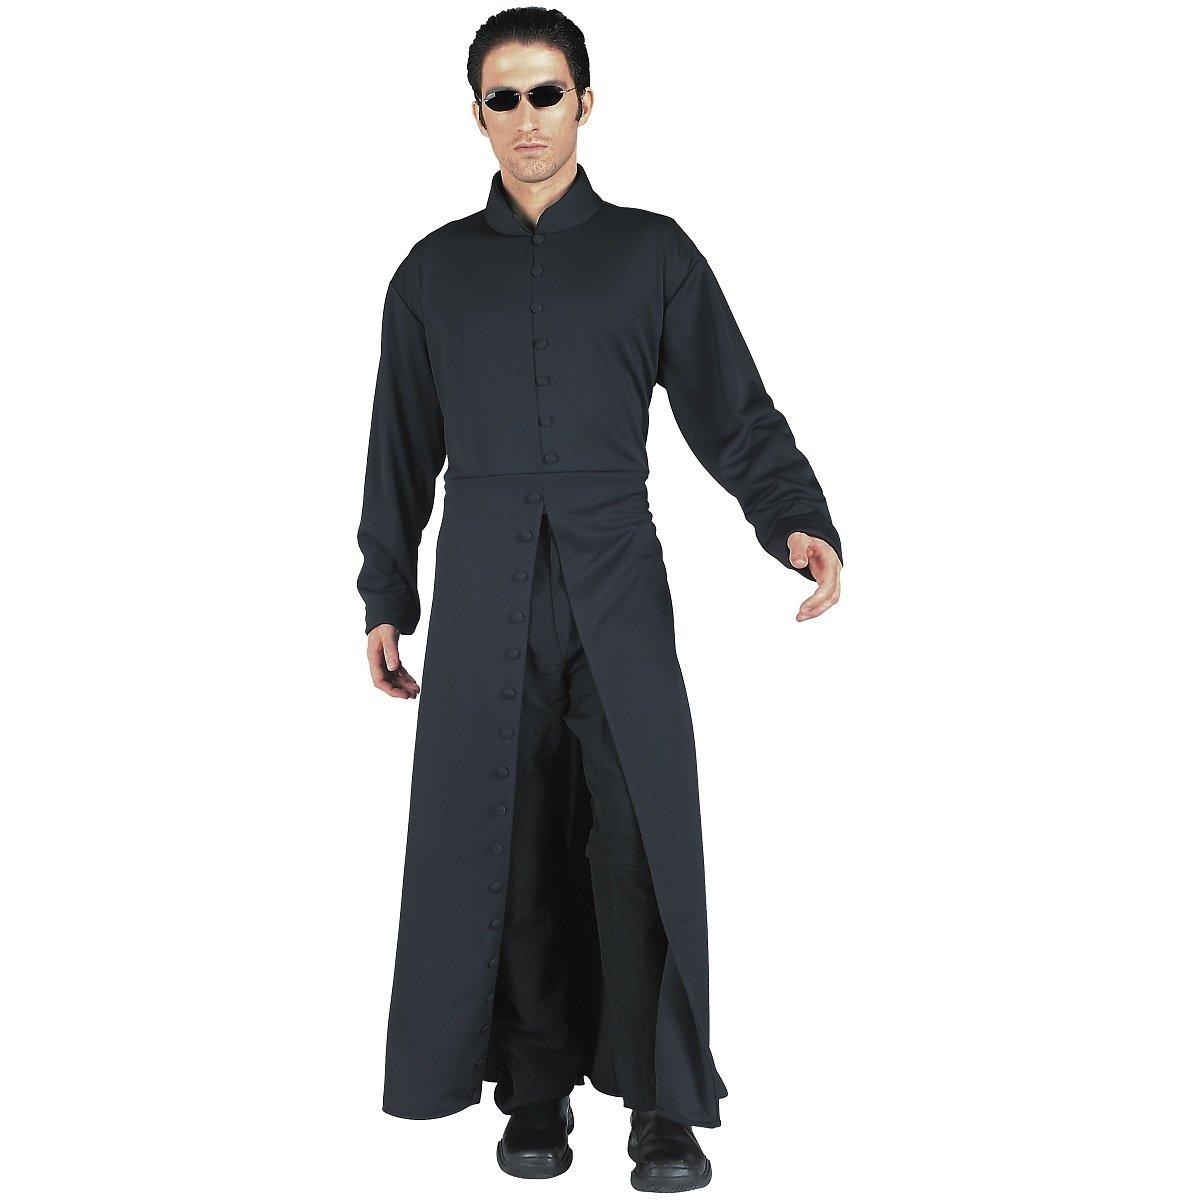 Amazon.com: Neo adulto disfraz – Estándar: Clothing